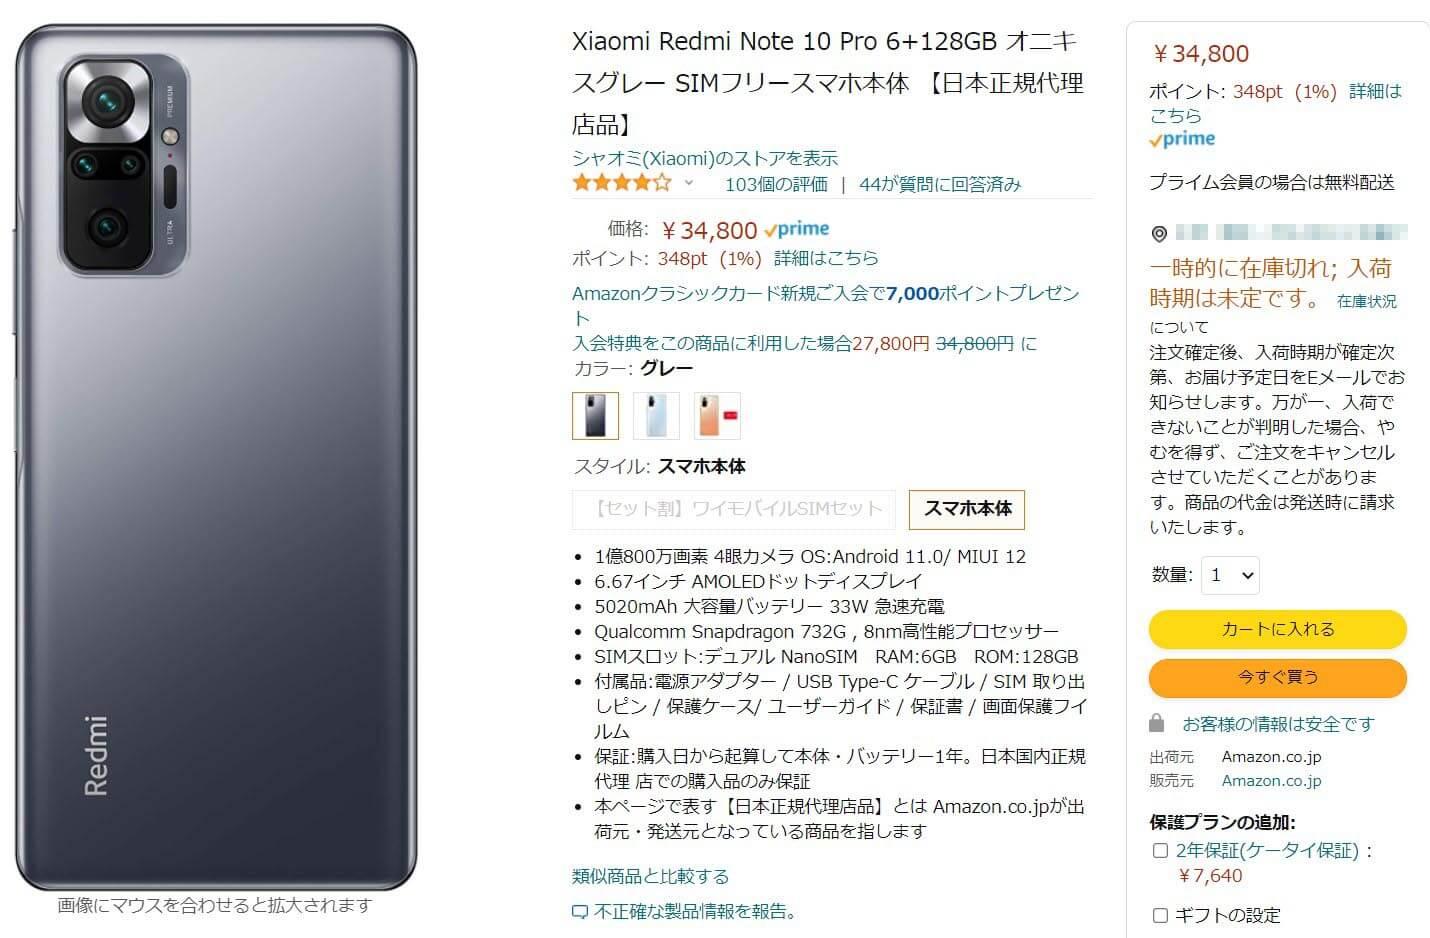 Redmi Note 10 ProがAmazonで品切れに